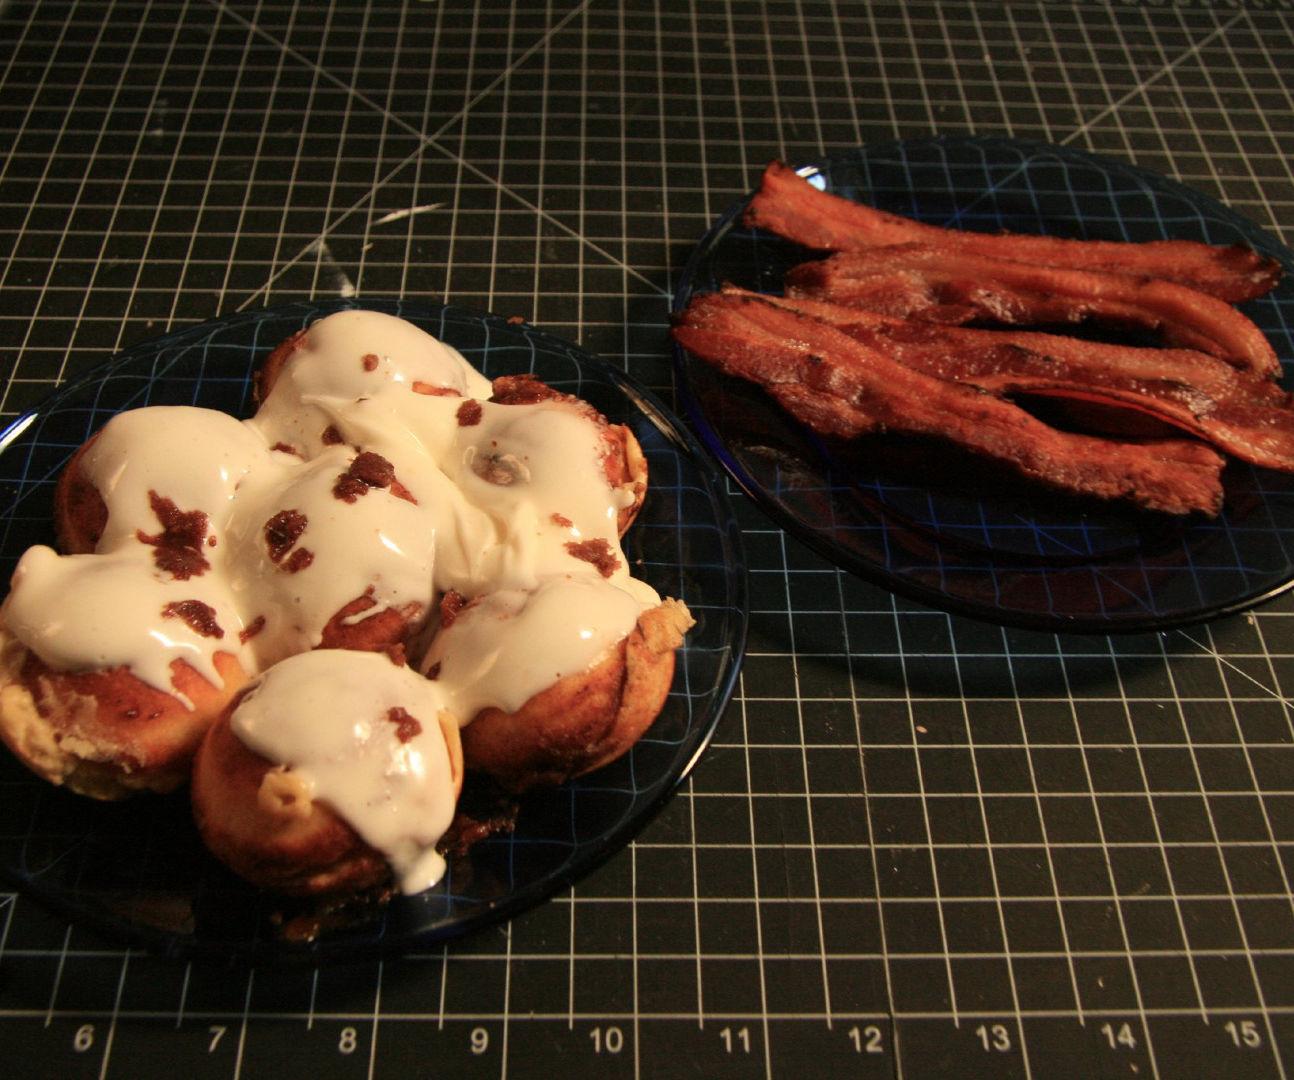 Baconskivers! (Bacon ebelskivers)